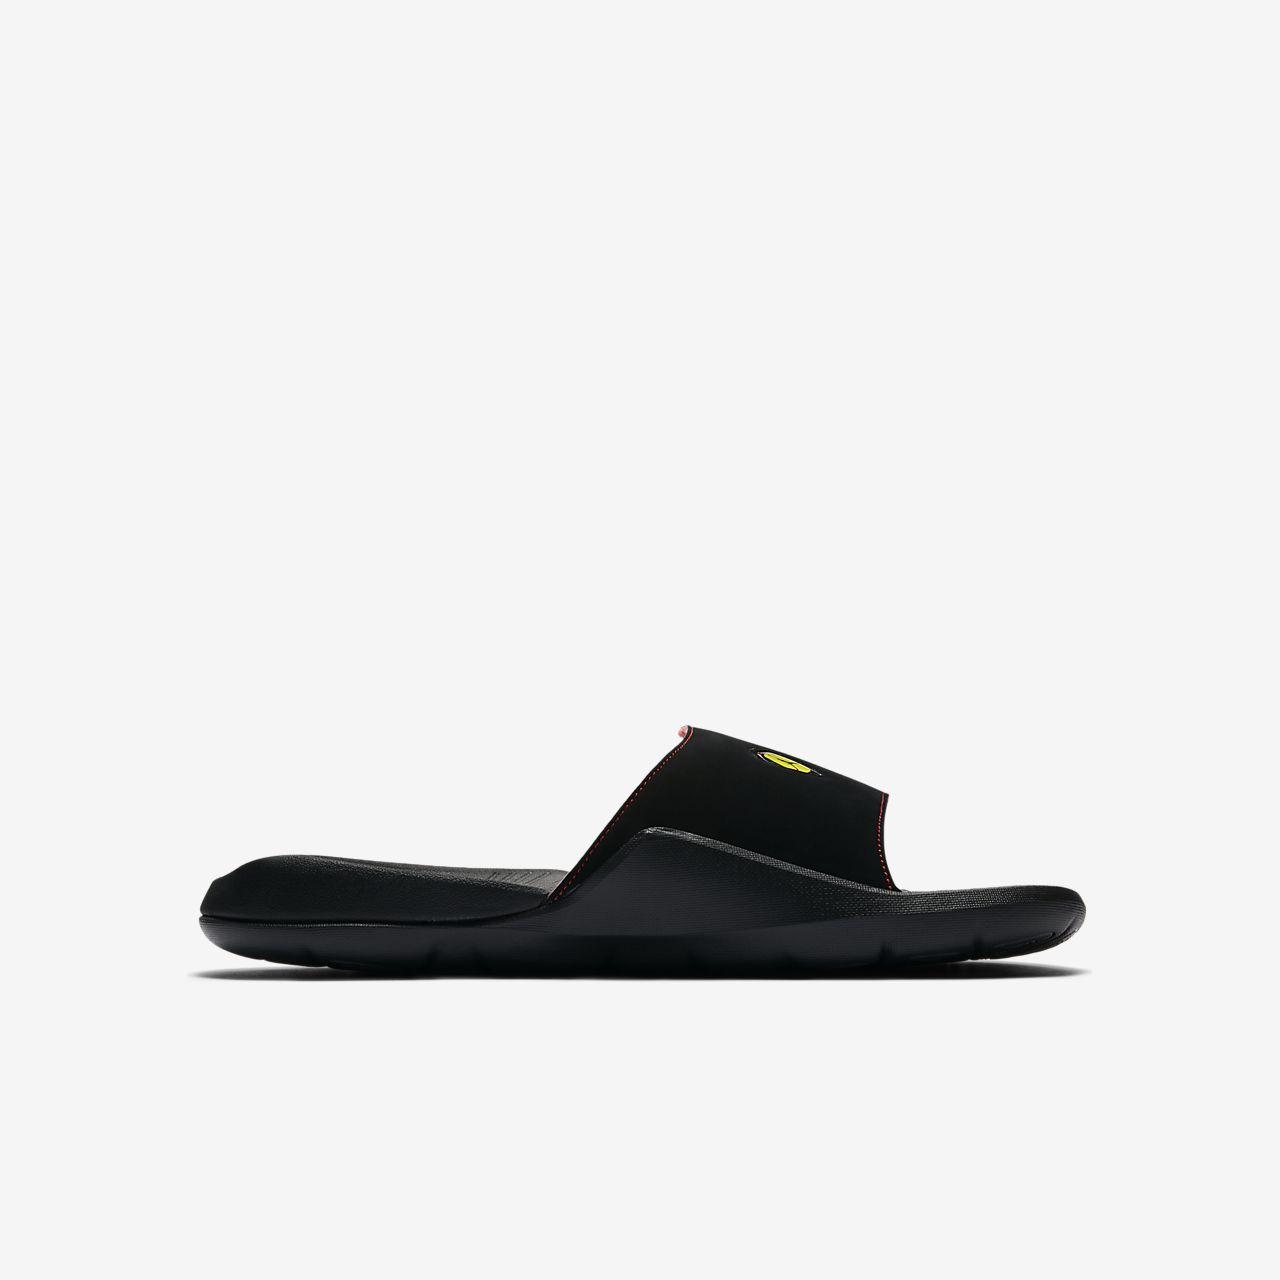 Nike Glisse Hommes Australian Marques De Maillots De Bain sortie ebay vente sneakernews sneakernews en ligne réduction ebay réduction aaa 8vqWRP